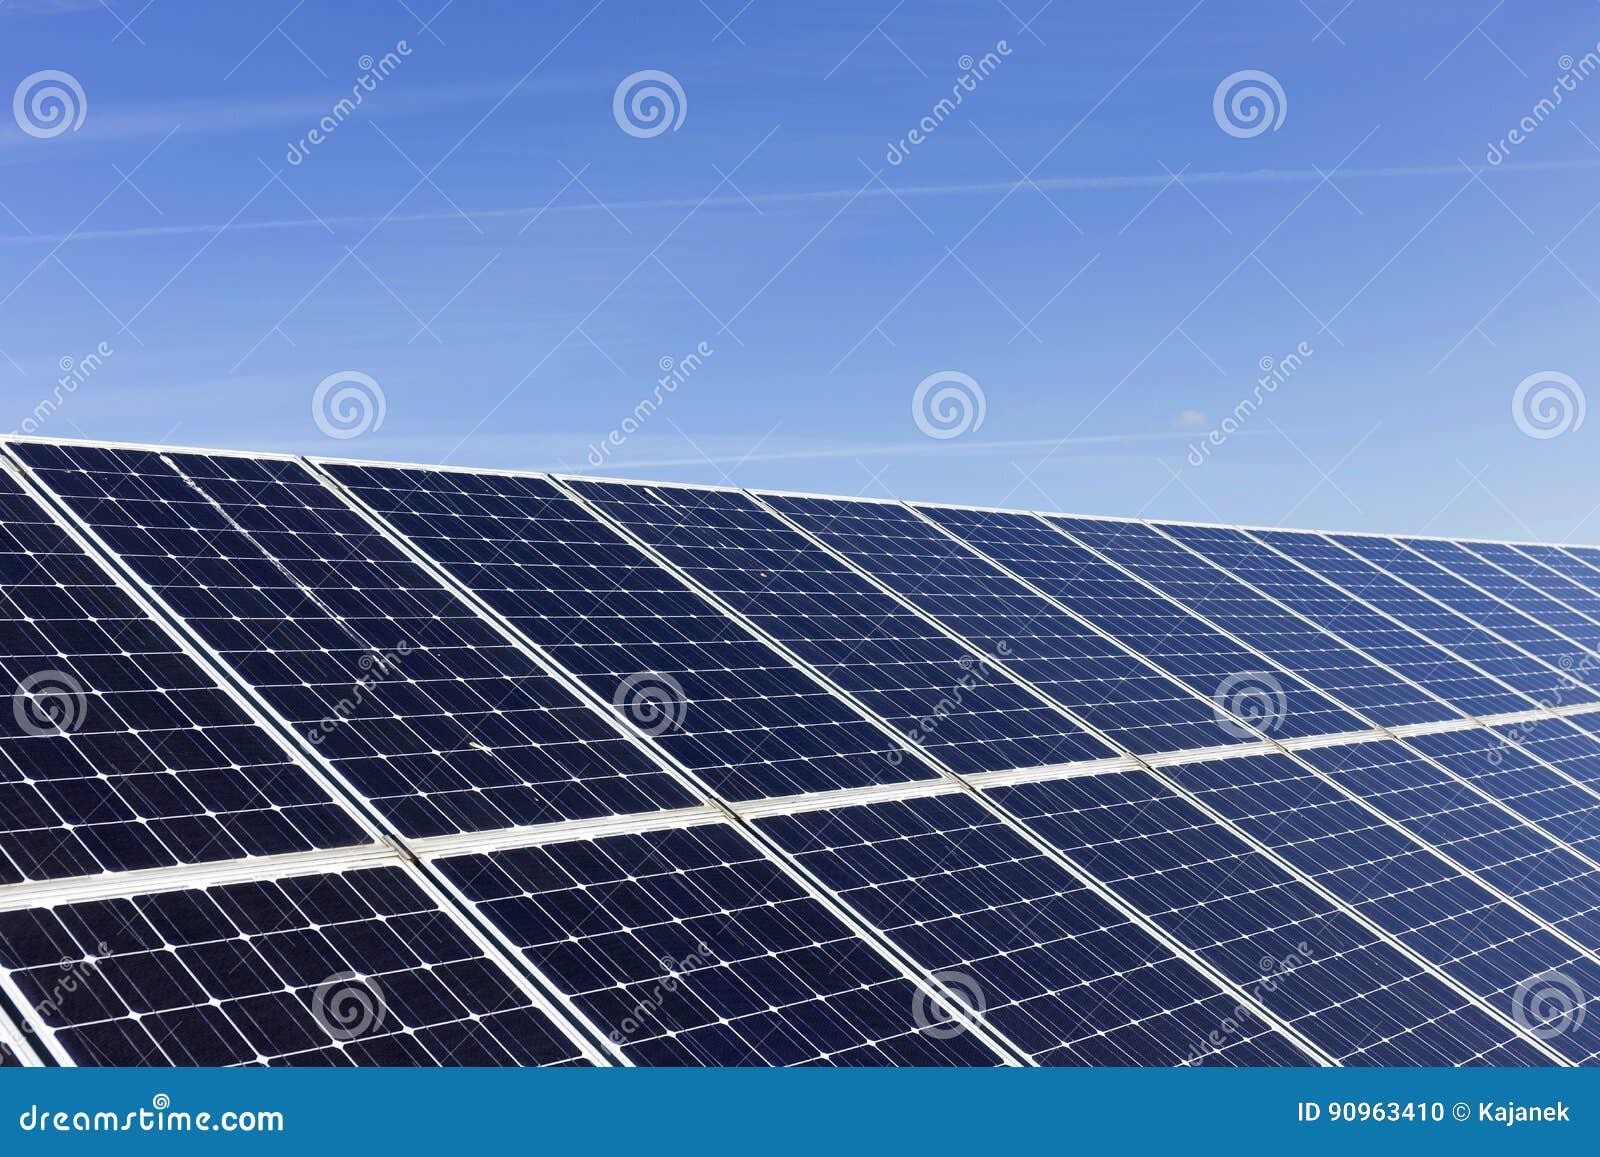 Détail de la centrale solaire avec le ciel bleu